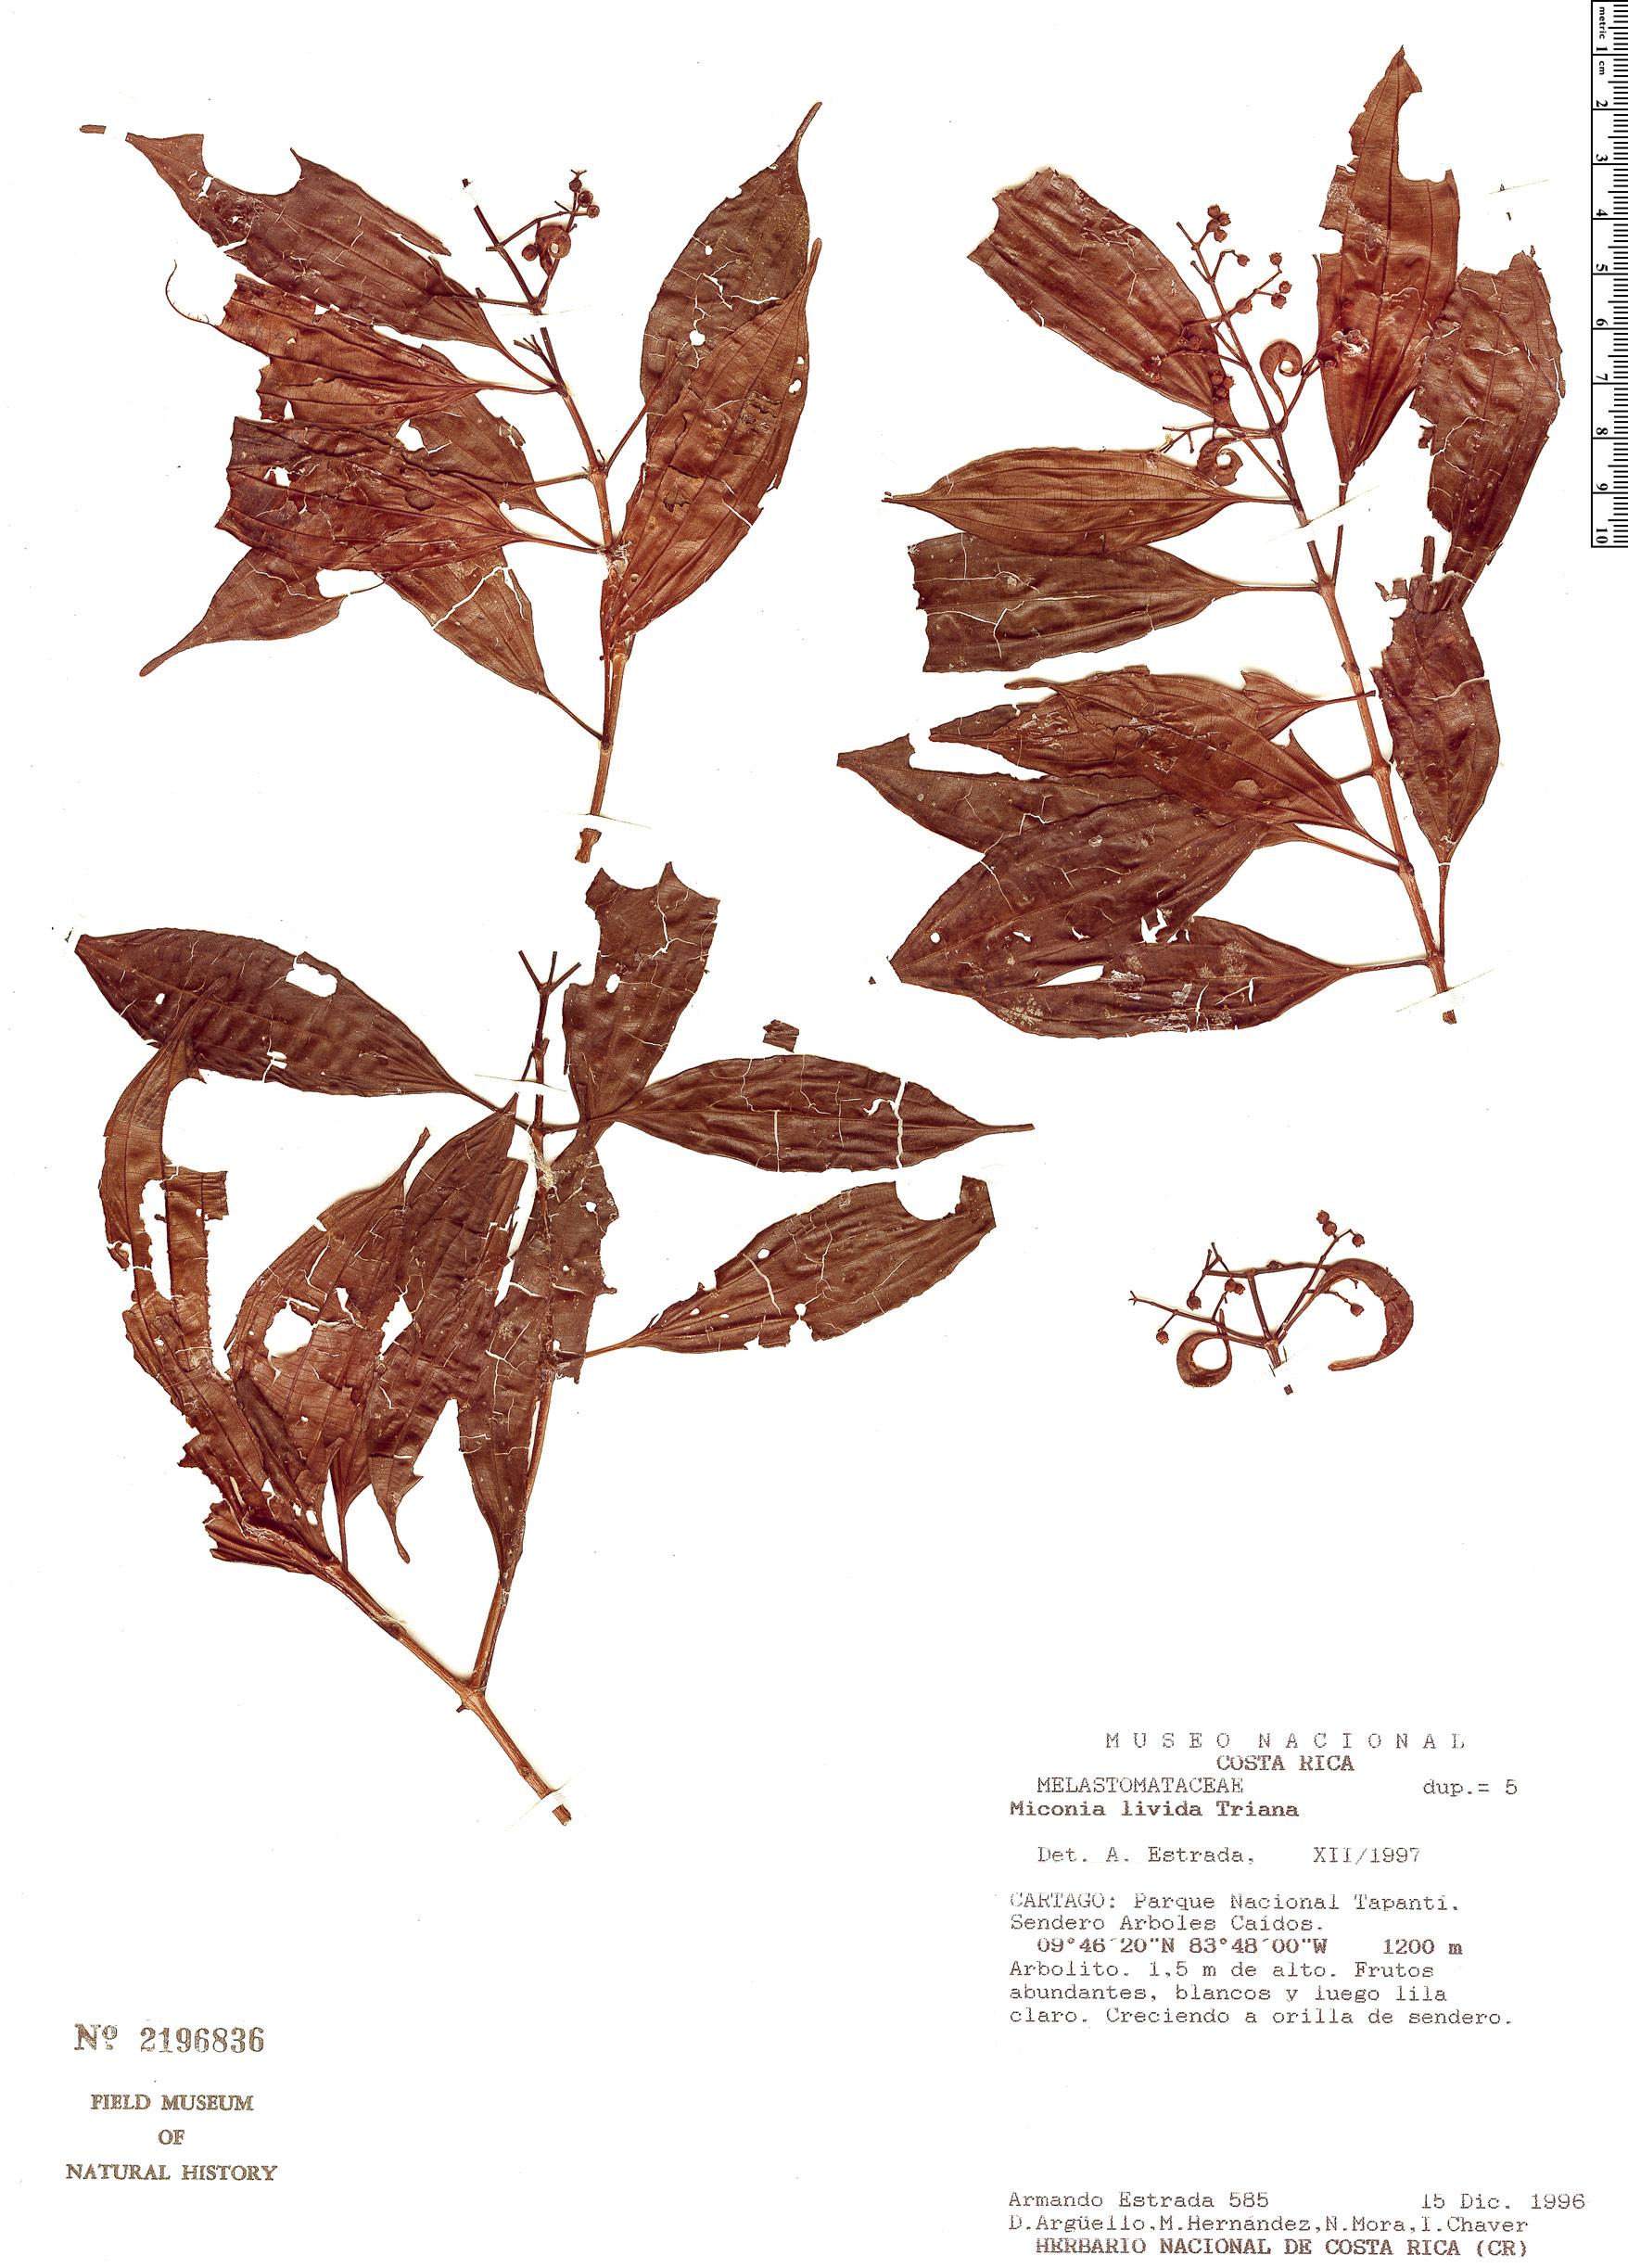 Specimen: Miconia livida